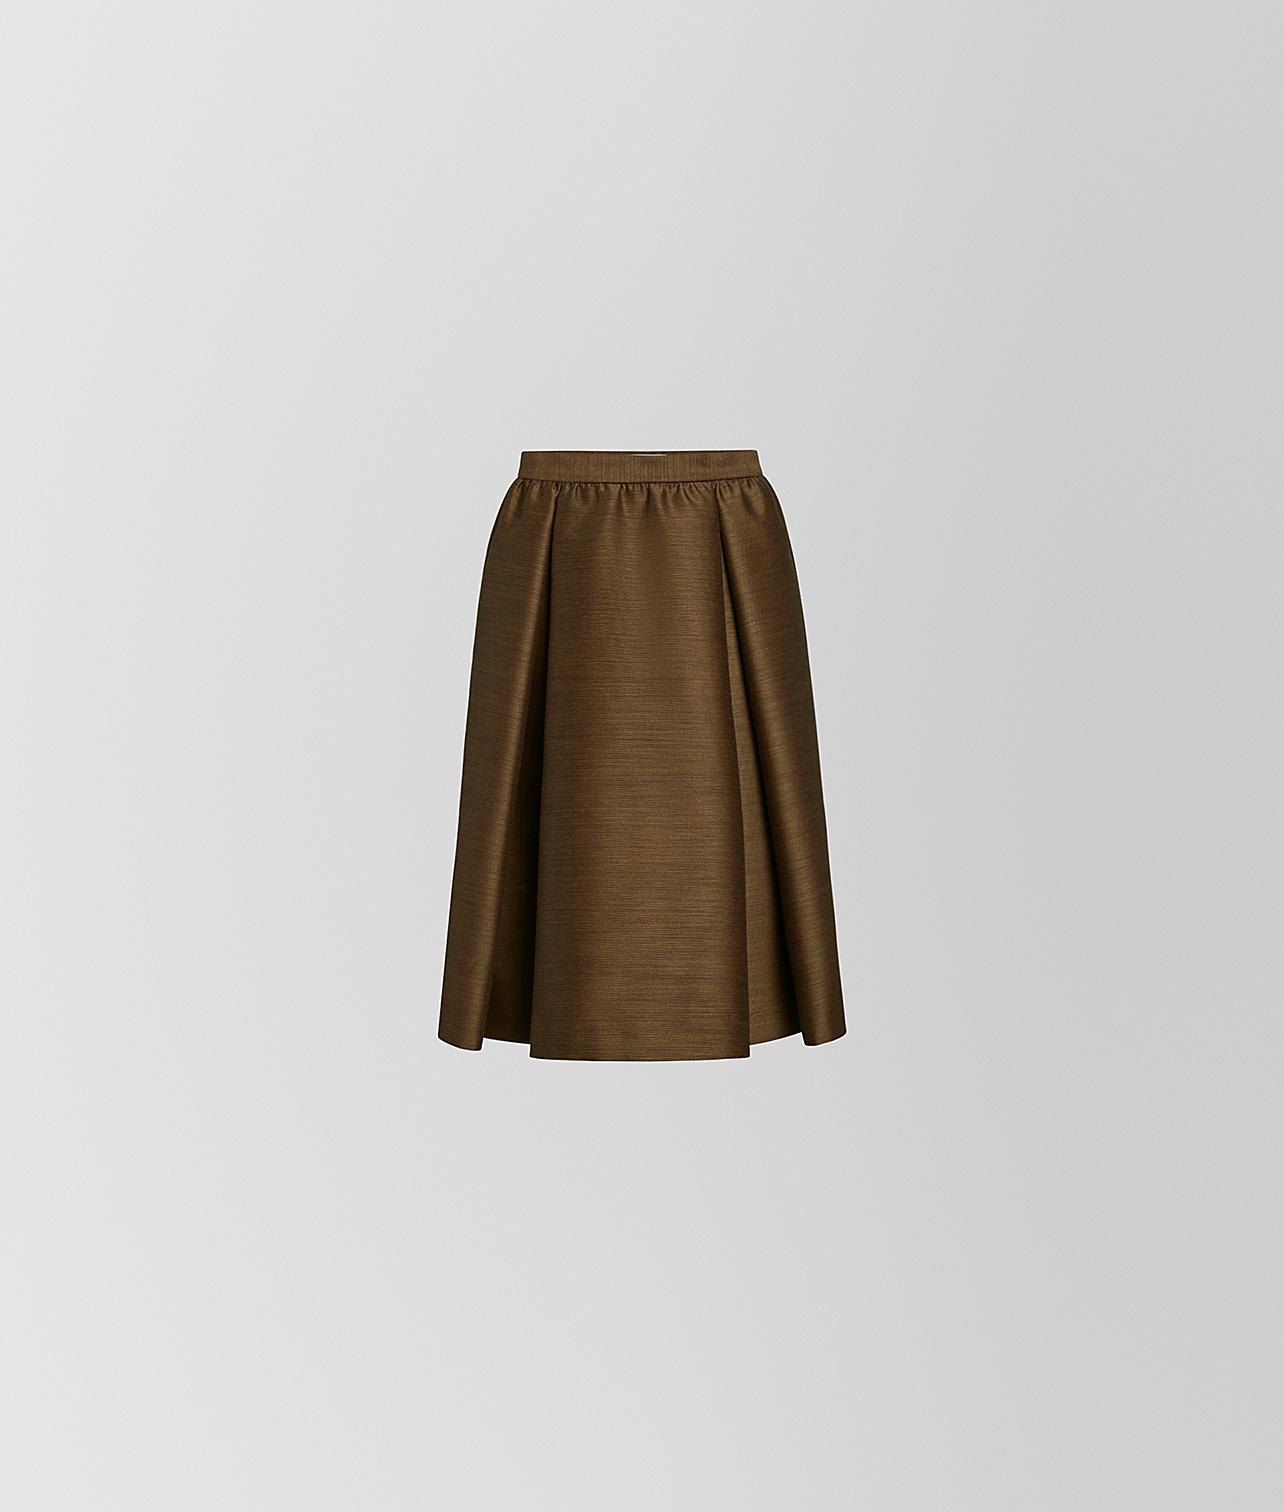 85381b5b27 Bottega Veneta Skirt - Lyst